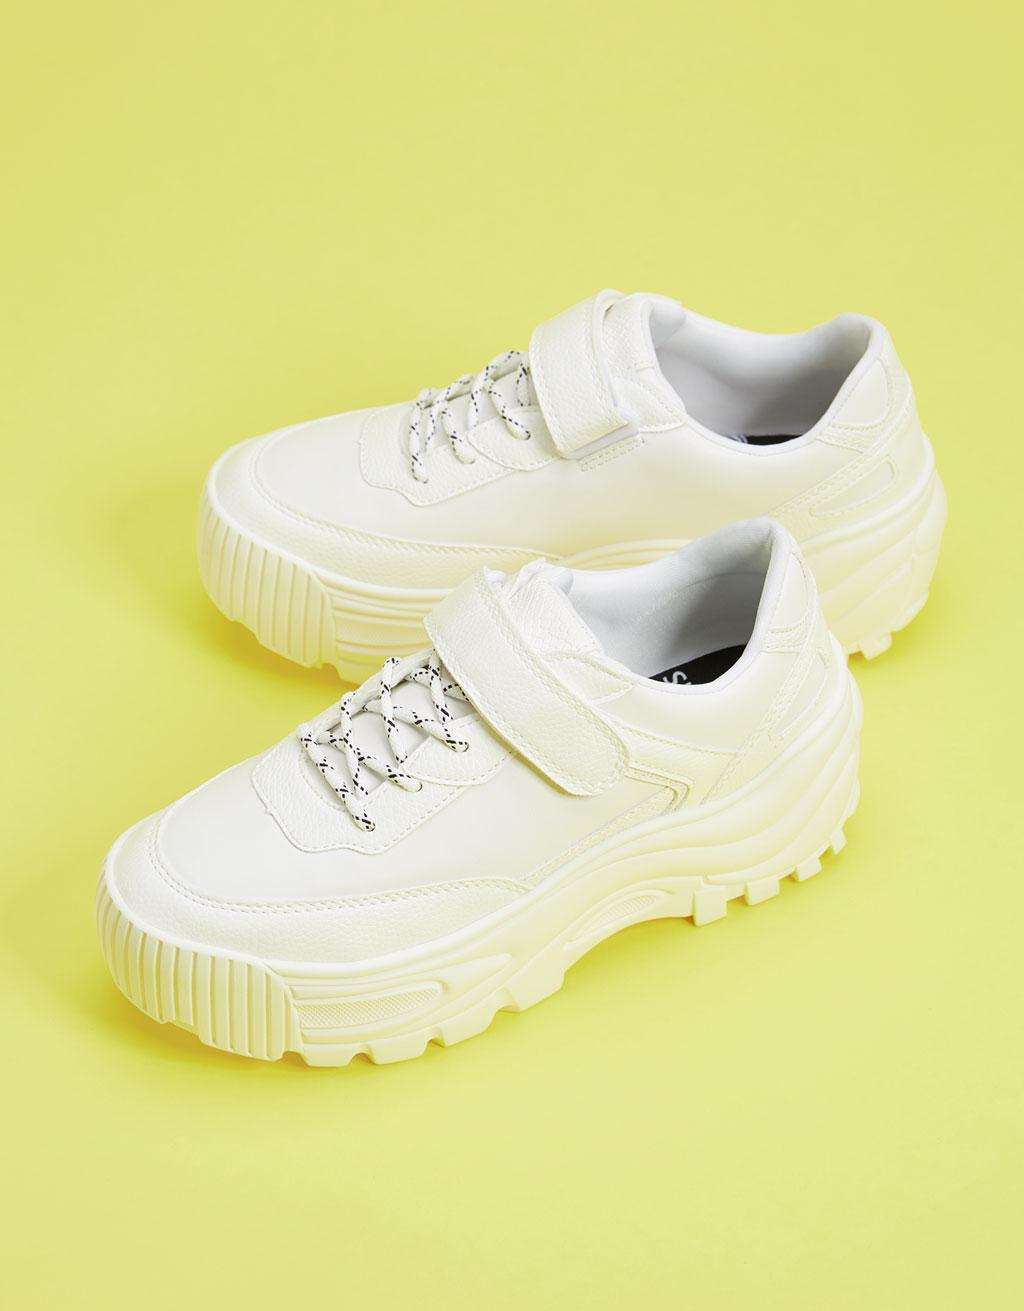 Enobarvni športni čevlji z debelim podplatom